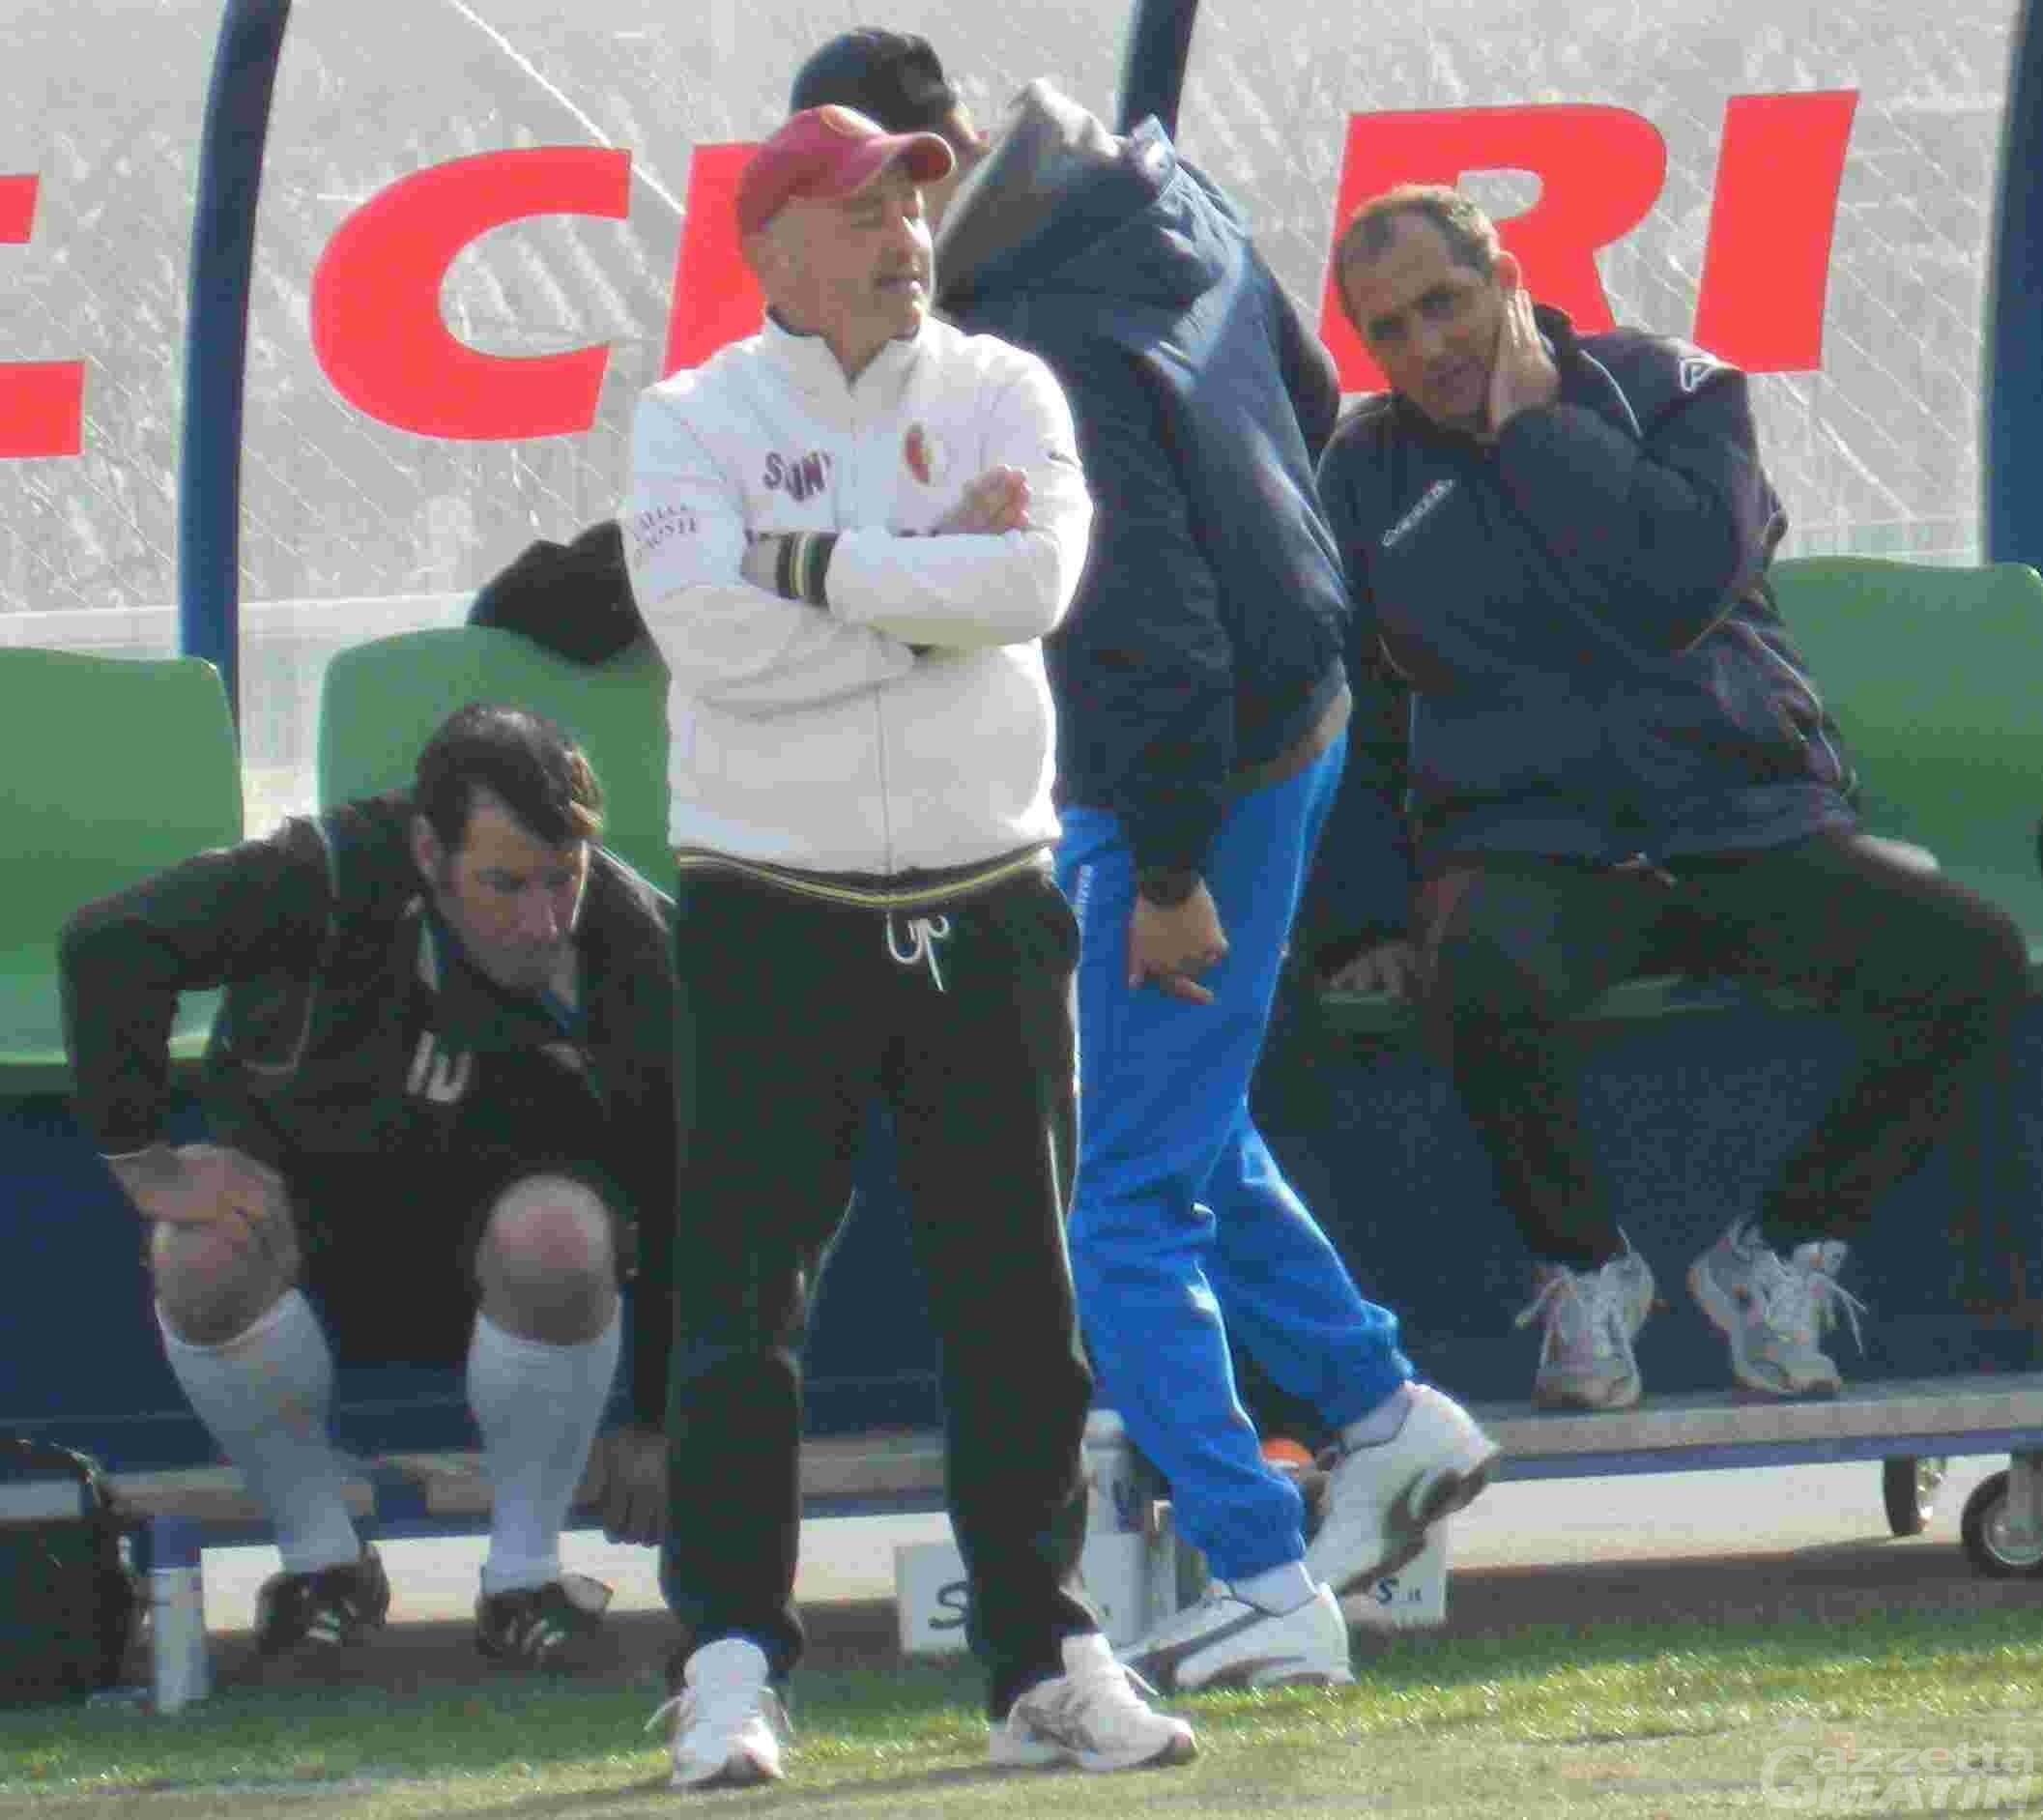 Calcio: stop a Zichella, niente Caratese per il mister